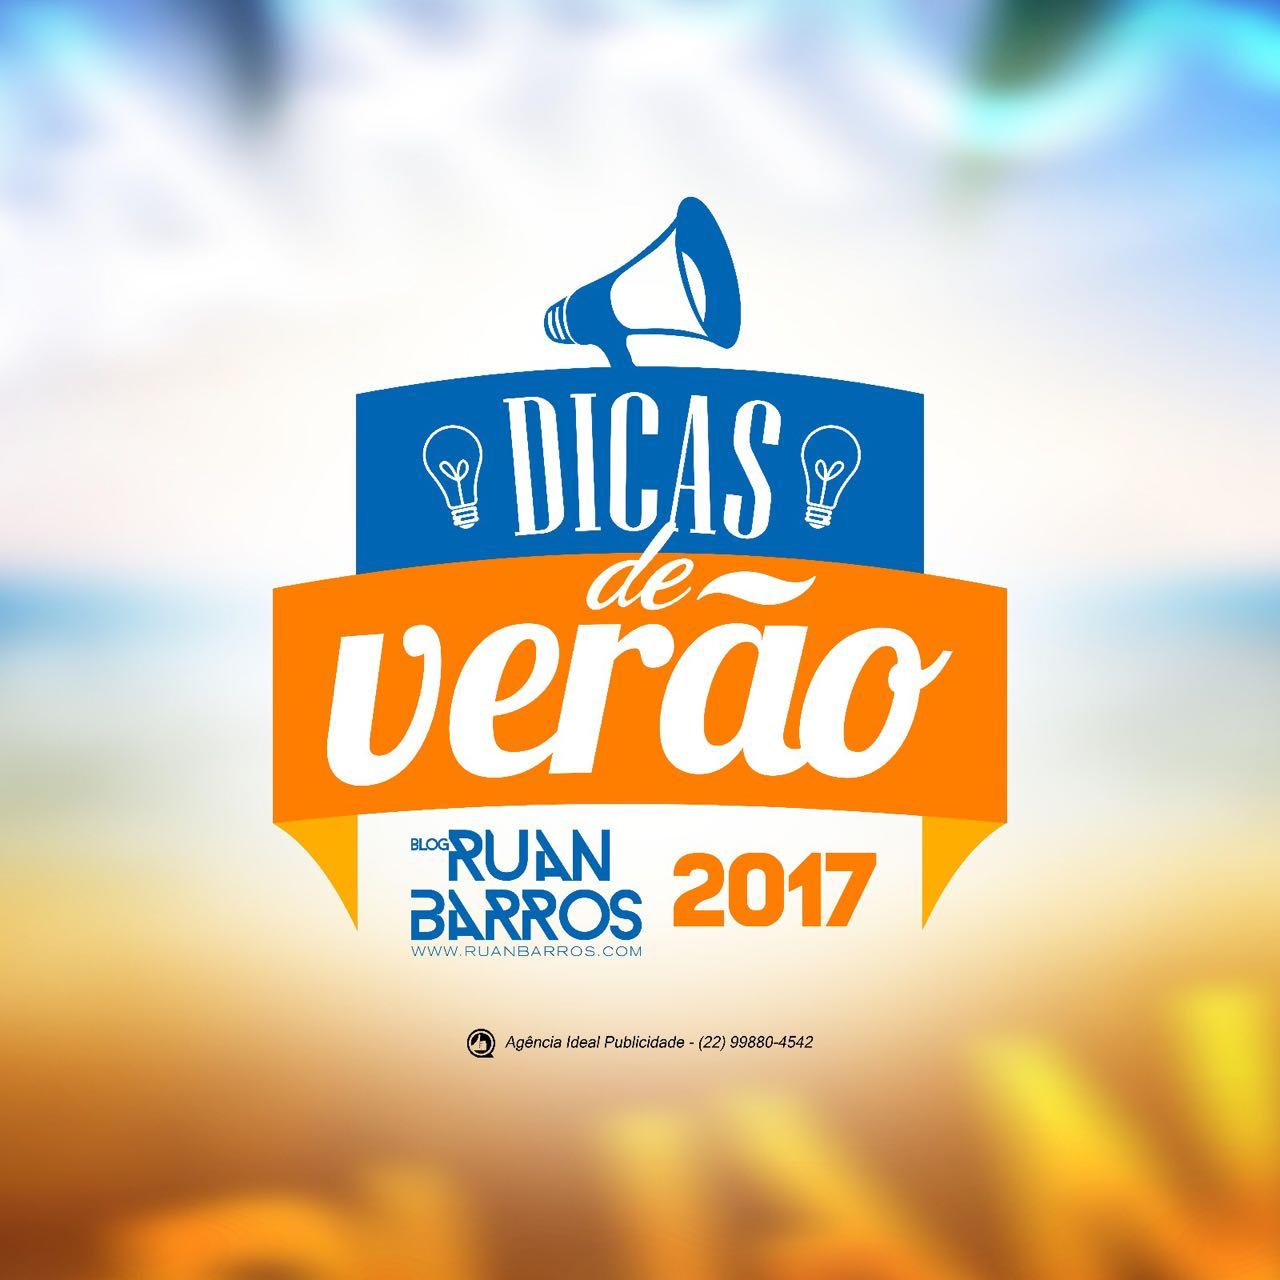 Dicas de Verão 2017 - Ruan Barros